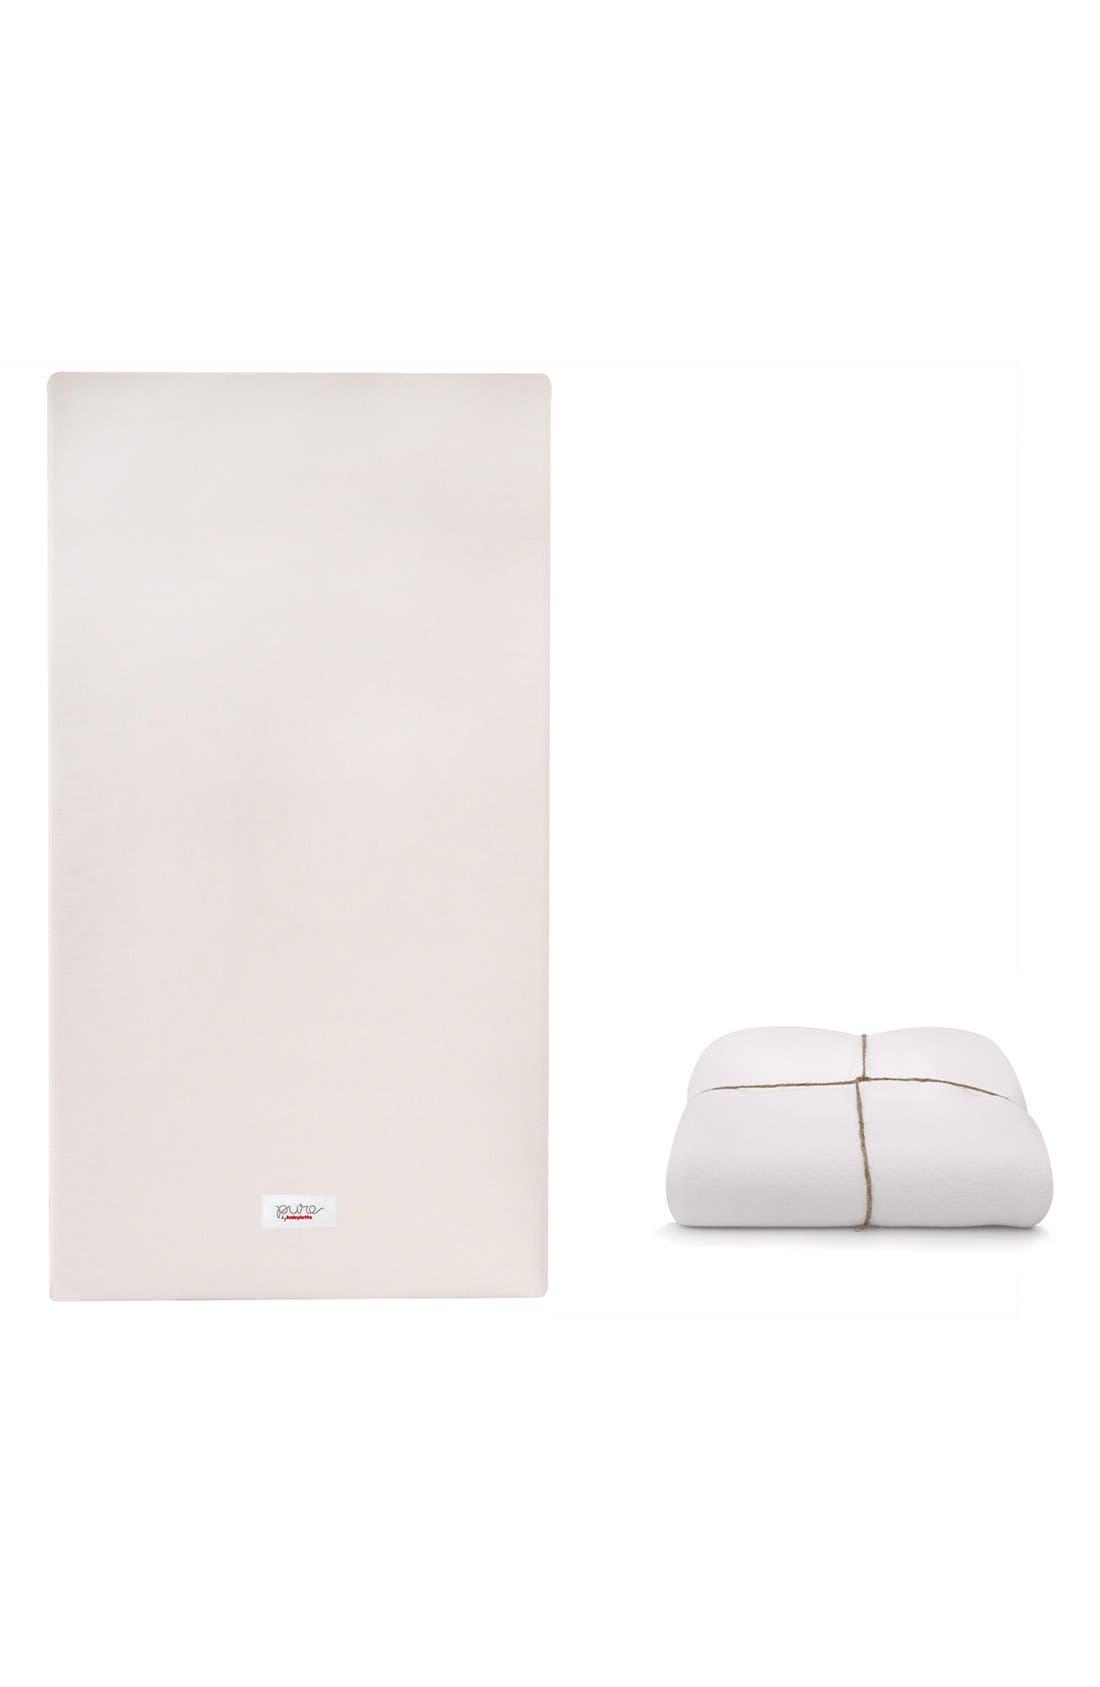 Main Image - babyletto 'Coco Core' Nontoxic Crib Mattress & Water Repellent SMART Cover